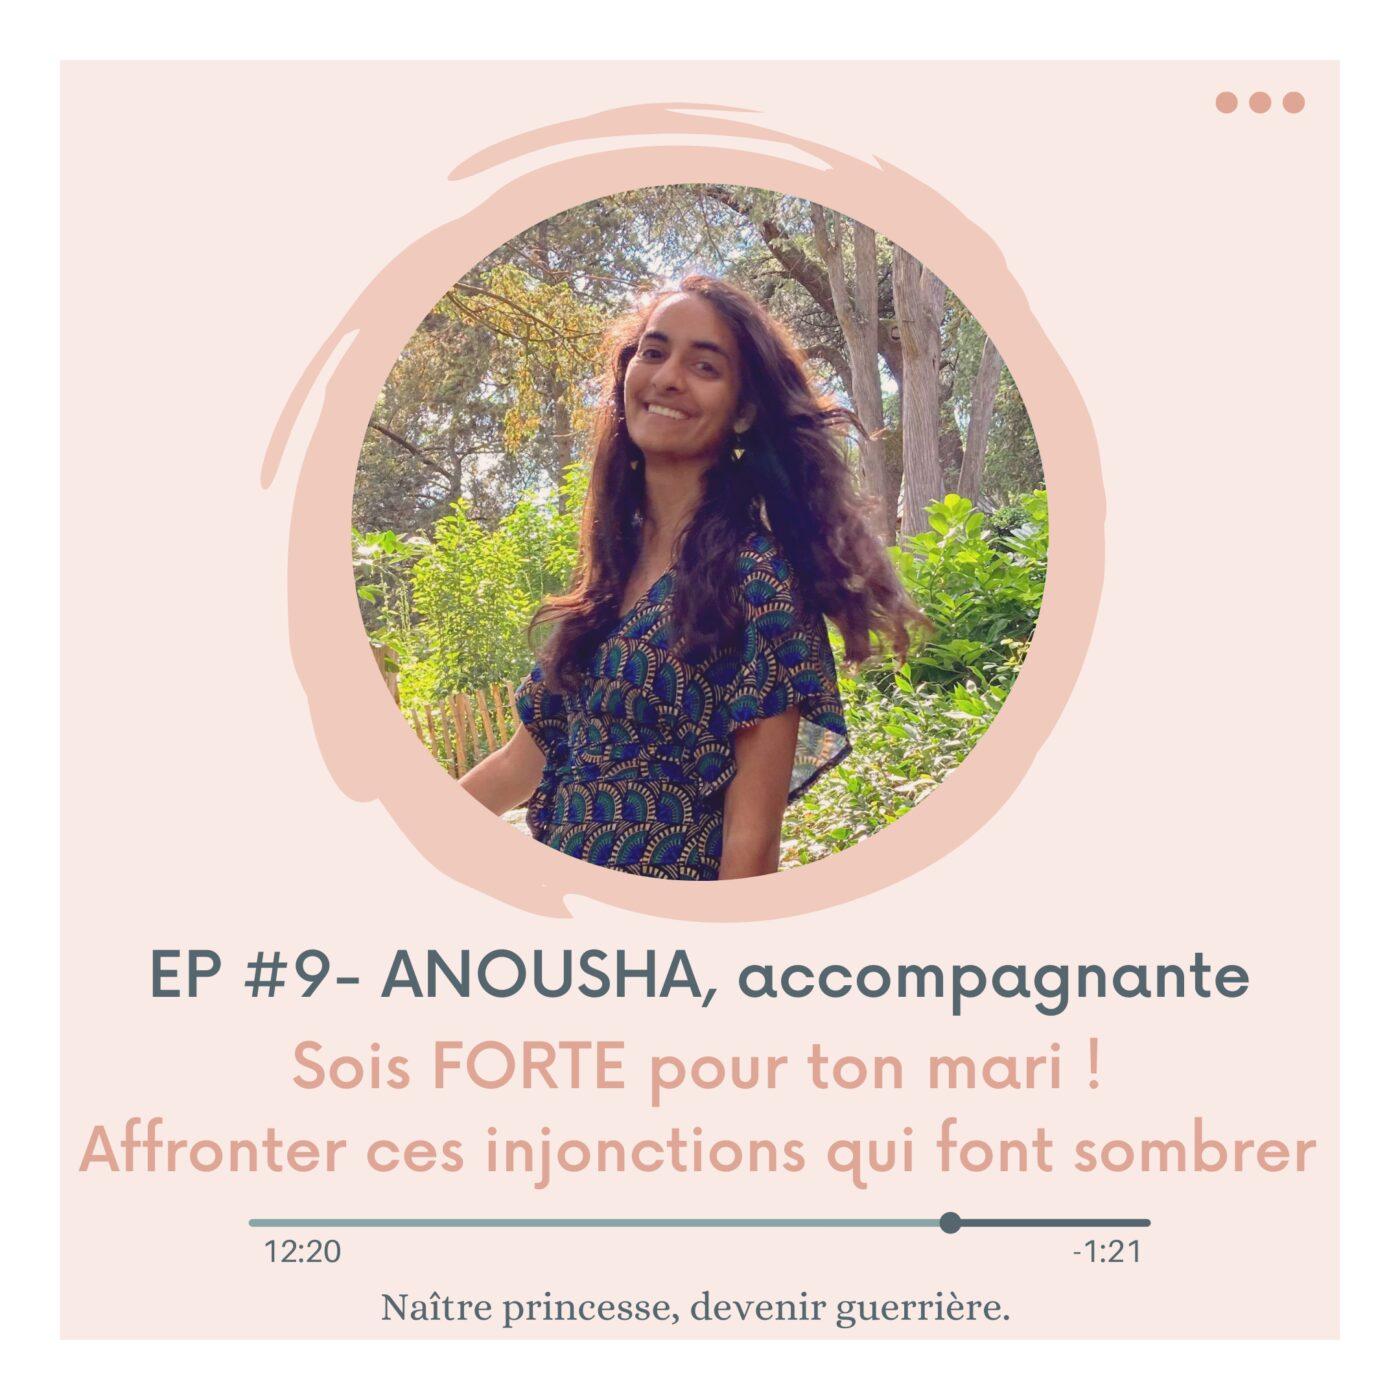 EP#9 - SOIS FORTE POUR TON MARI ! AFFRONTER CES INJONCTIONS QUI FONT SOMBRER. ANOUSHA, accompagnante